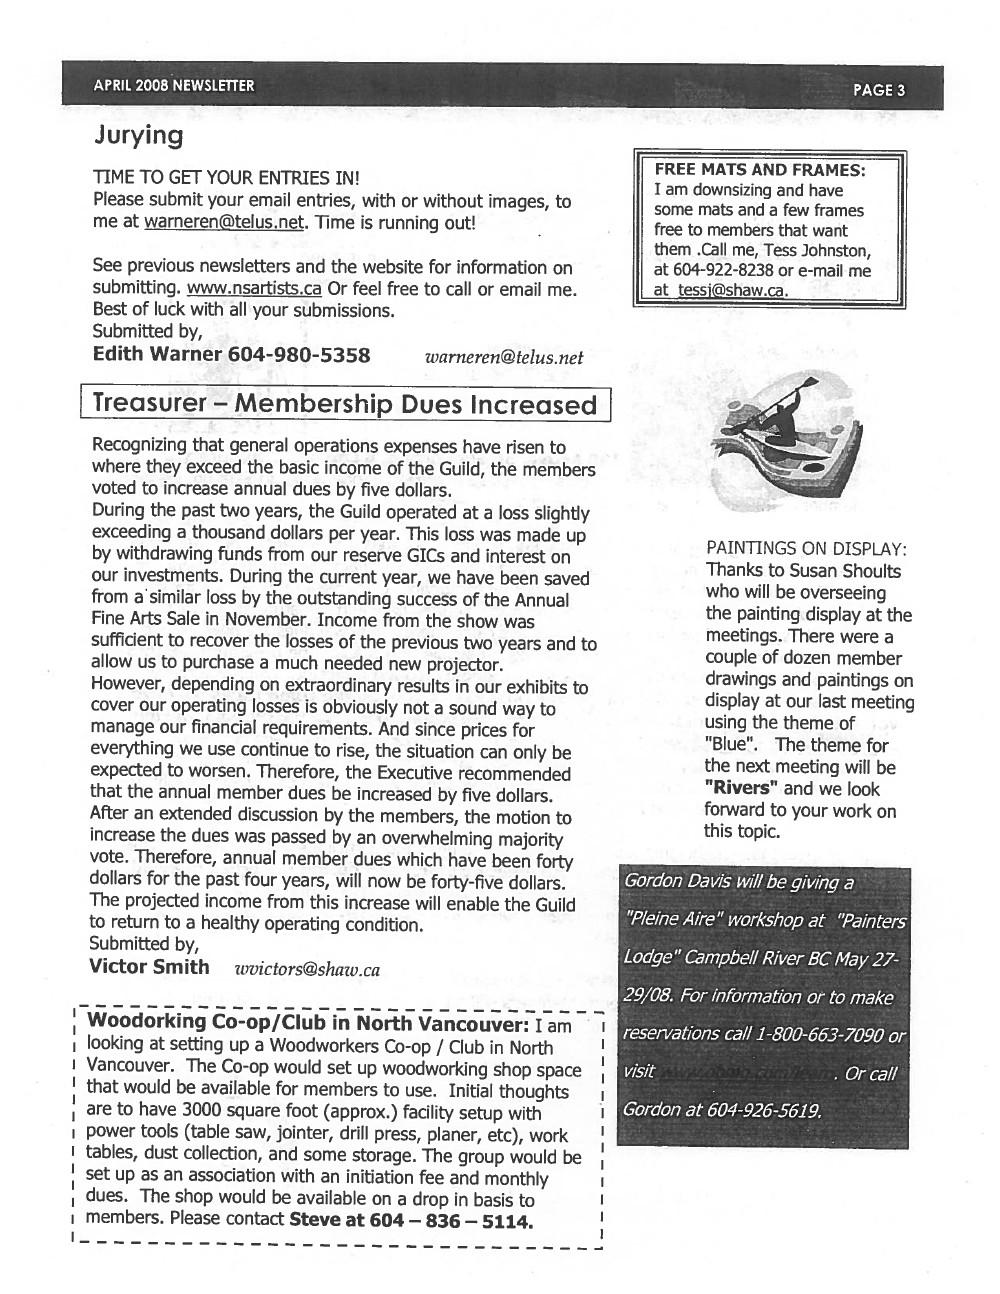 West Vancouver Sketch Club (North Shore Artists' Guild) (20090101), April 2008